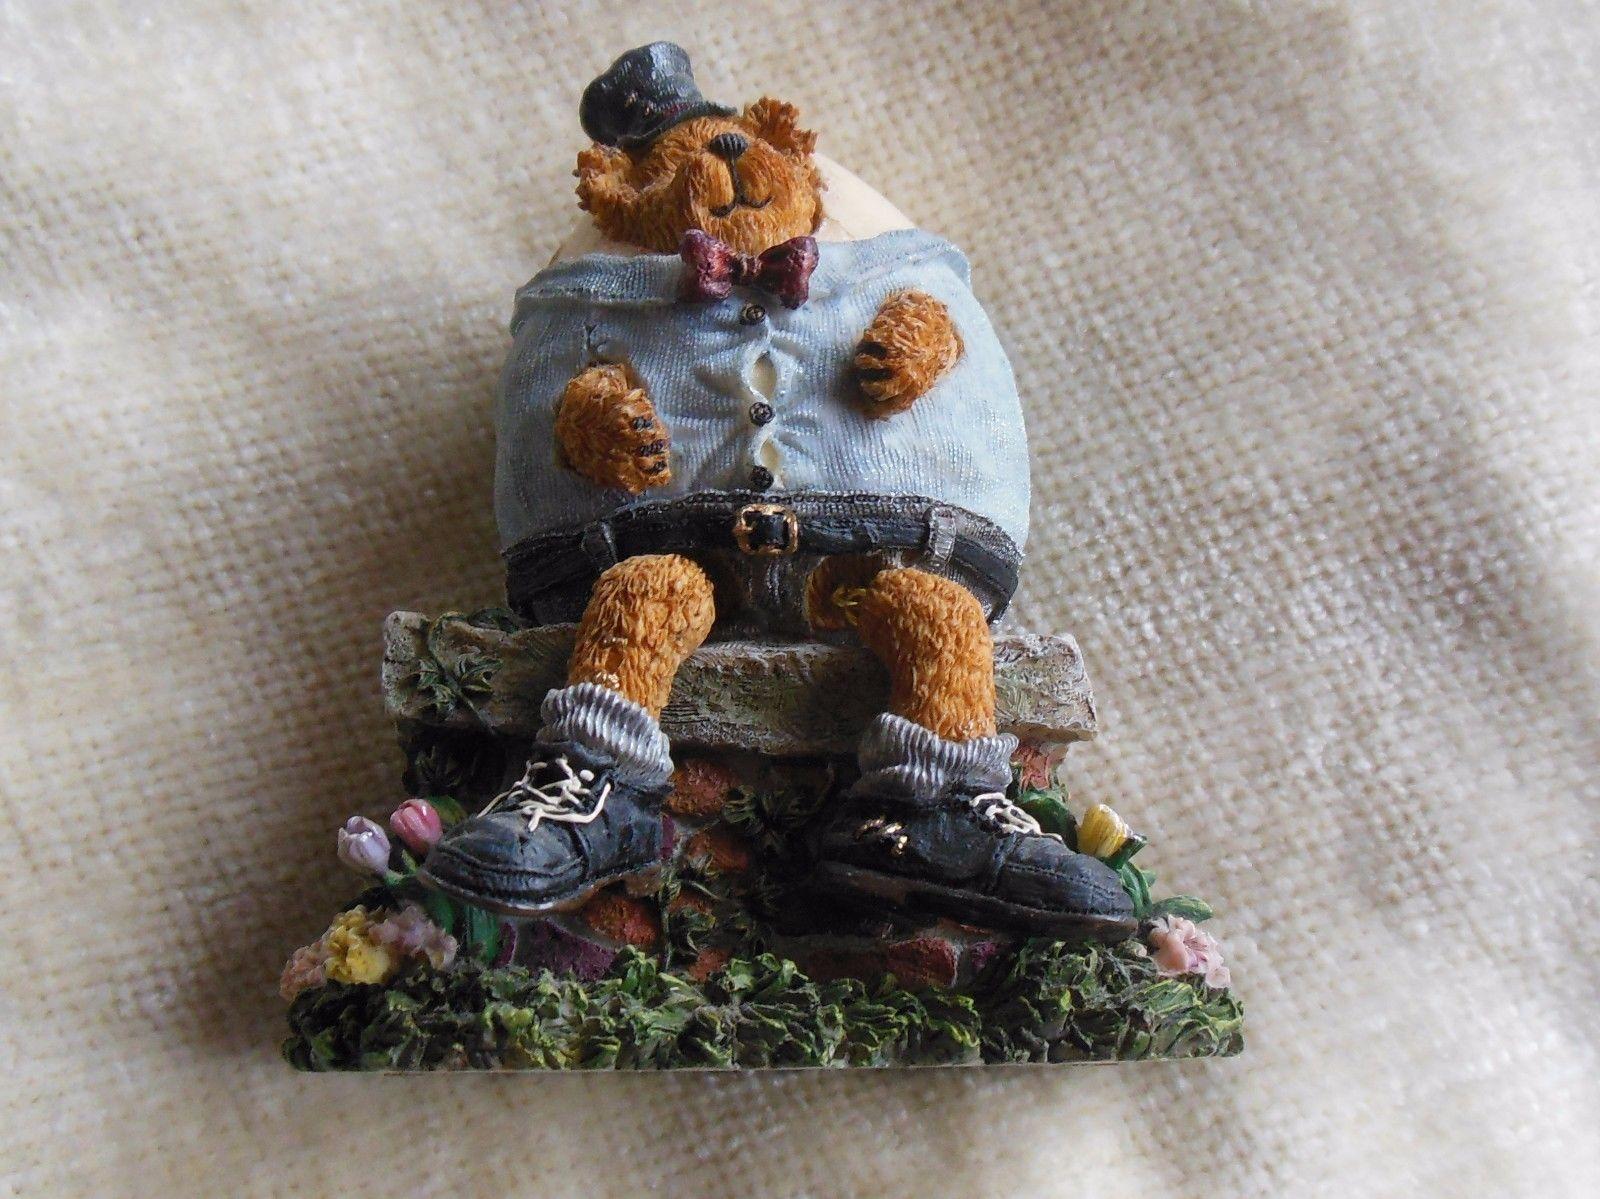 Boyd's Bears Humpy Dumpy...All Cracked Up-Bearstone #2458